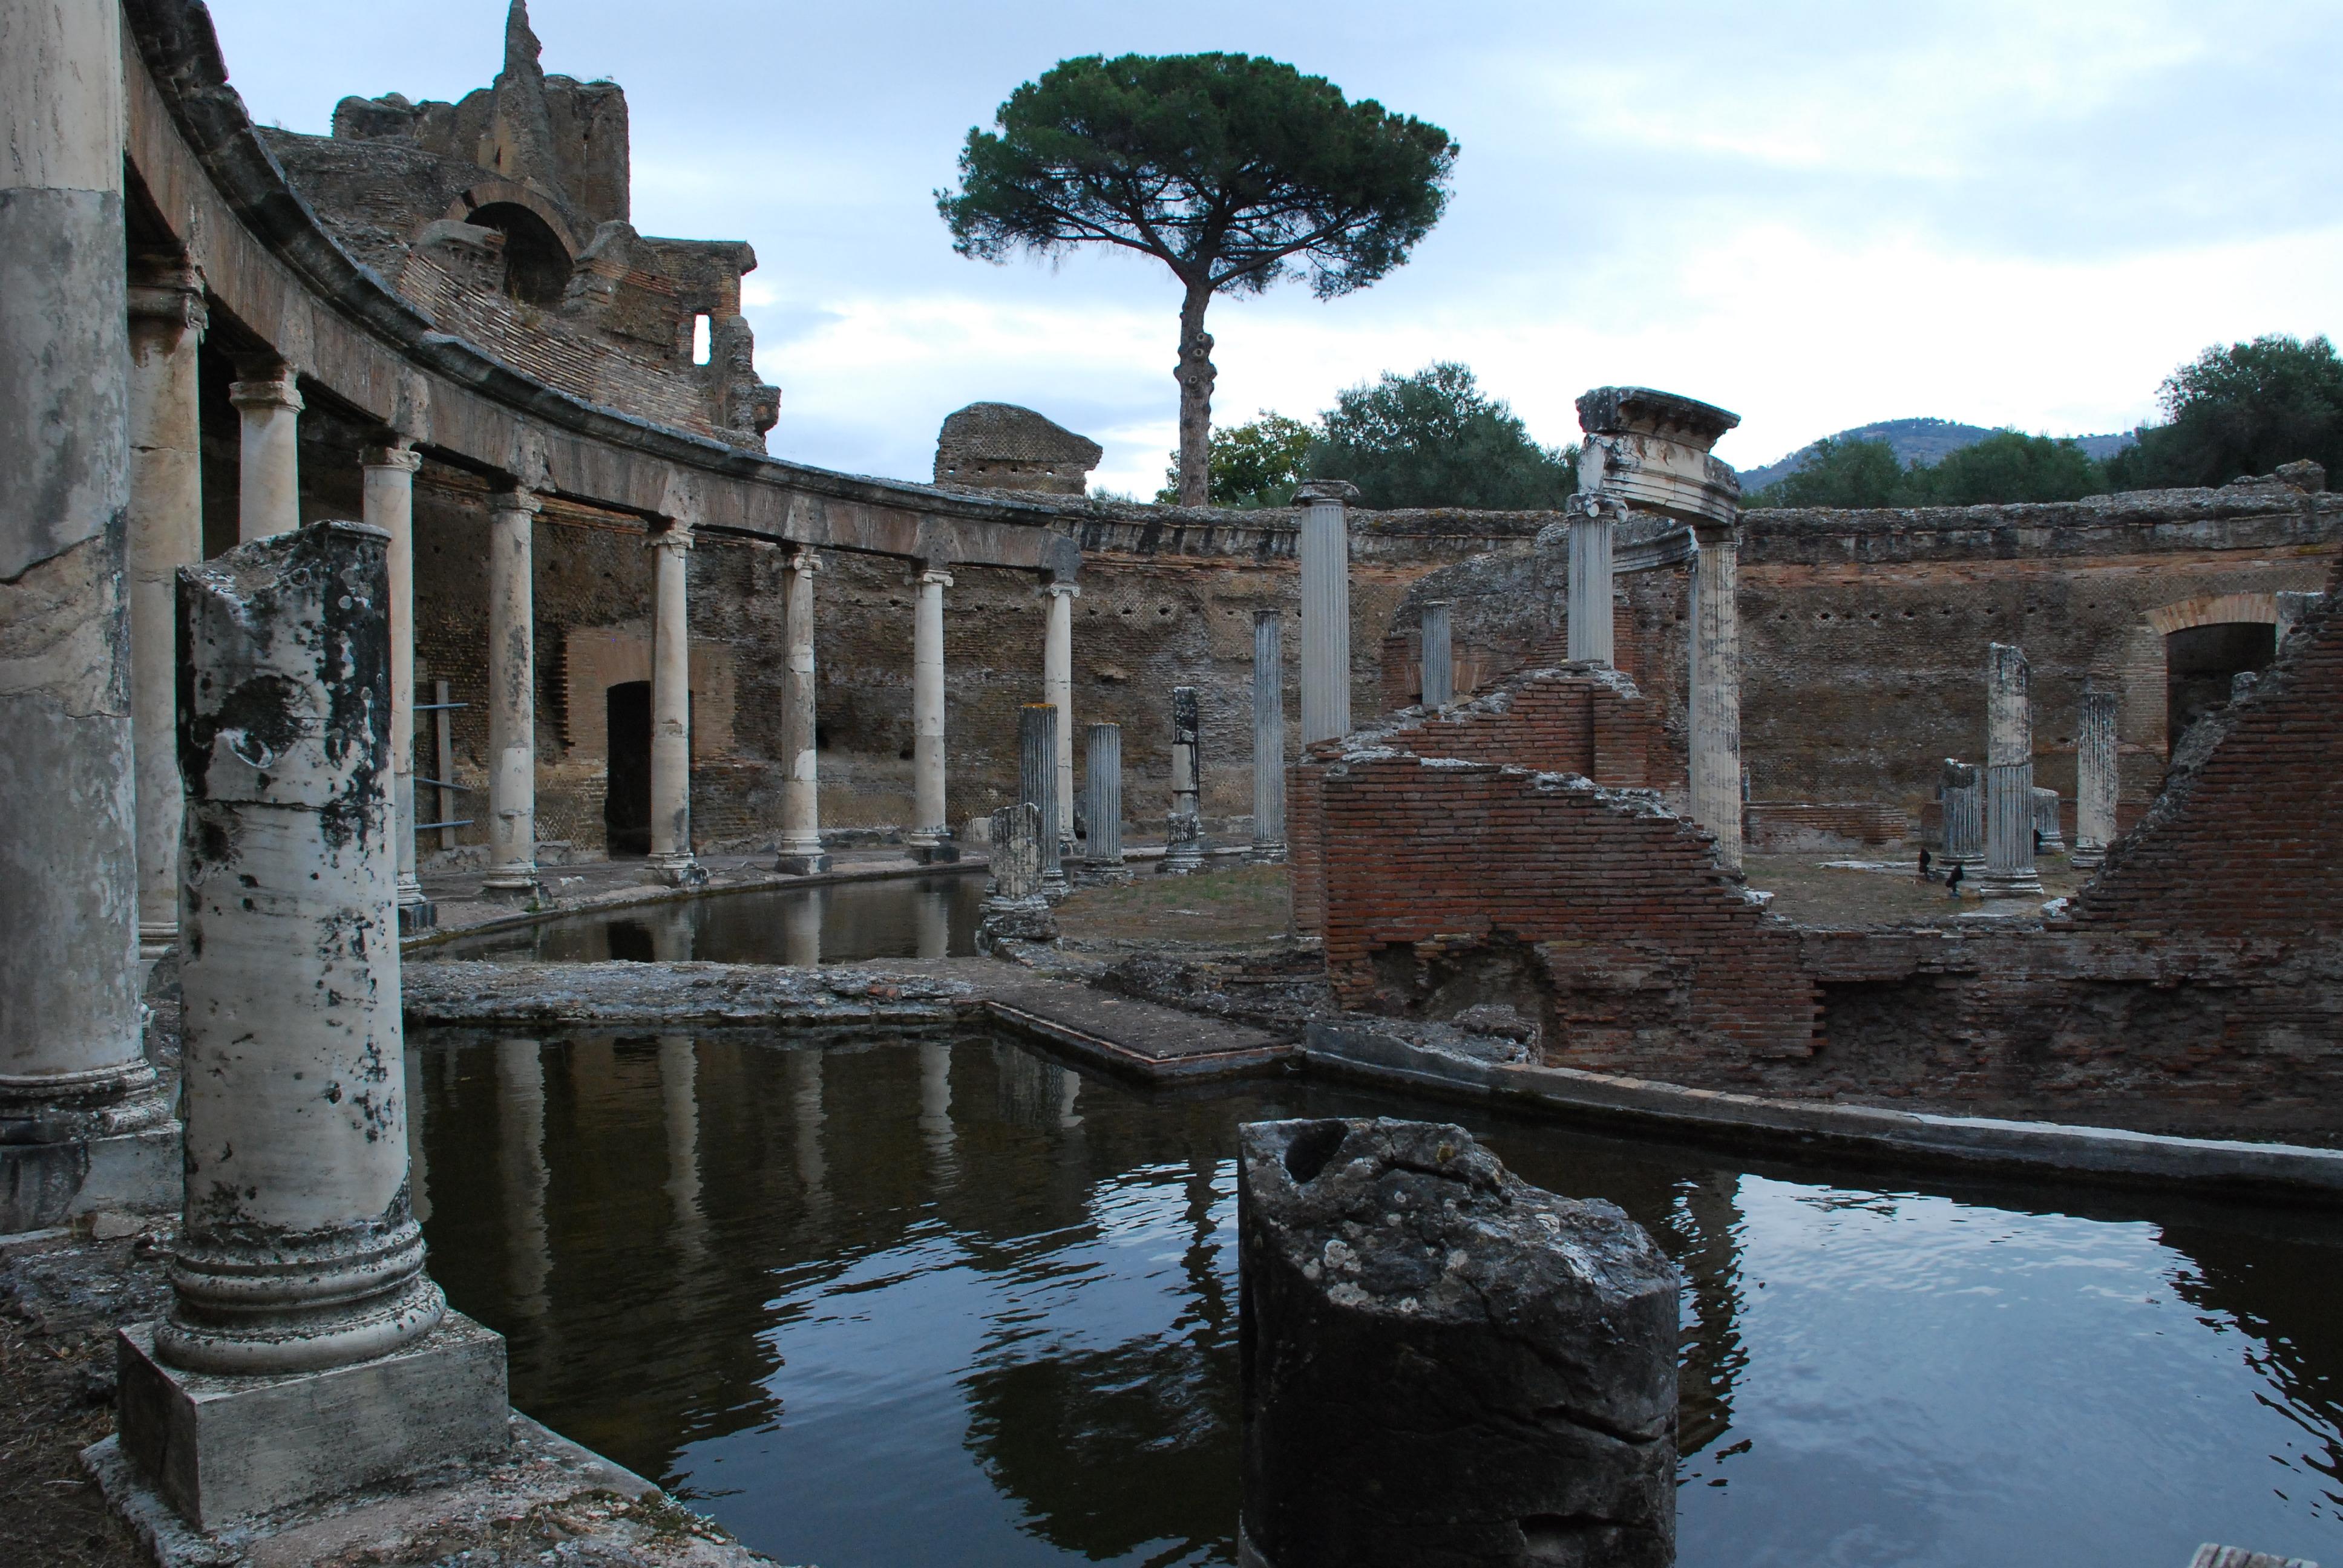 Culture school trip to Rome